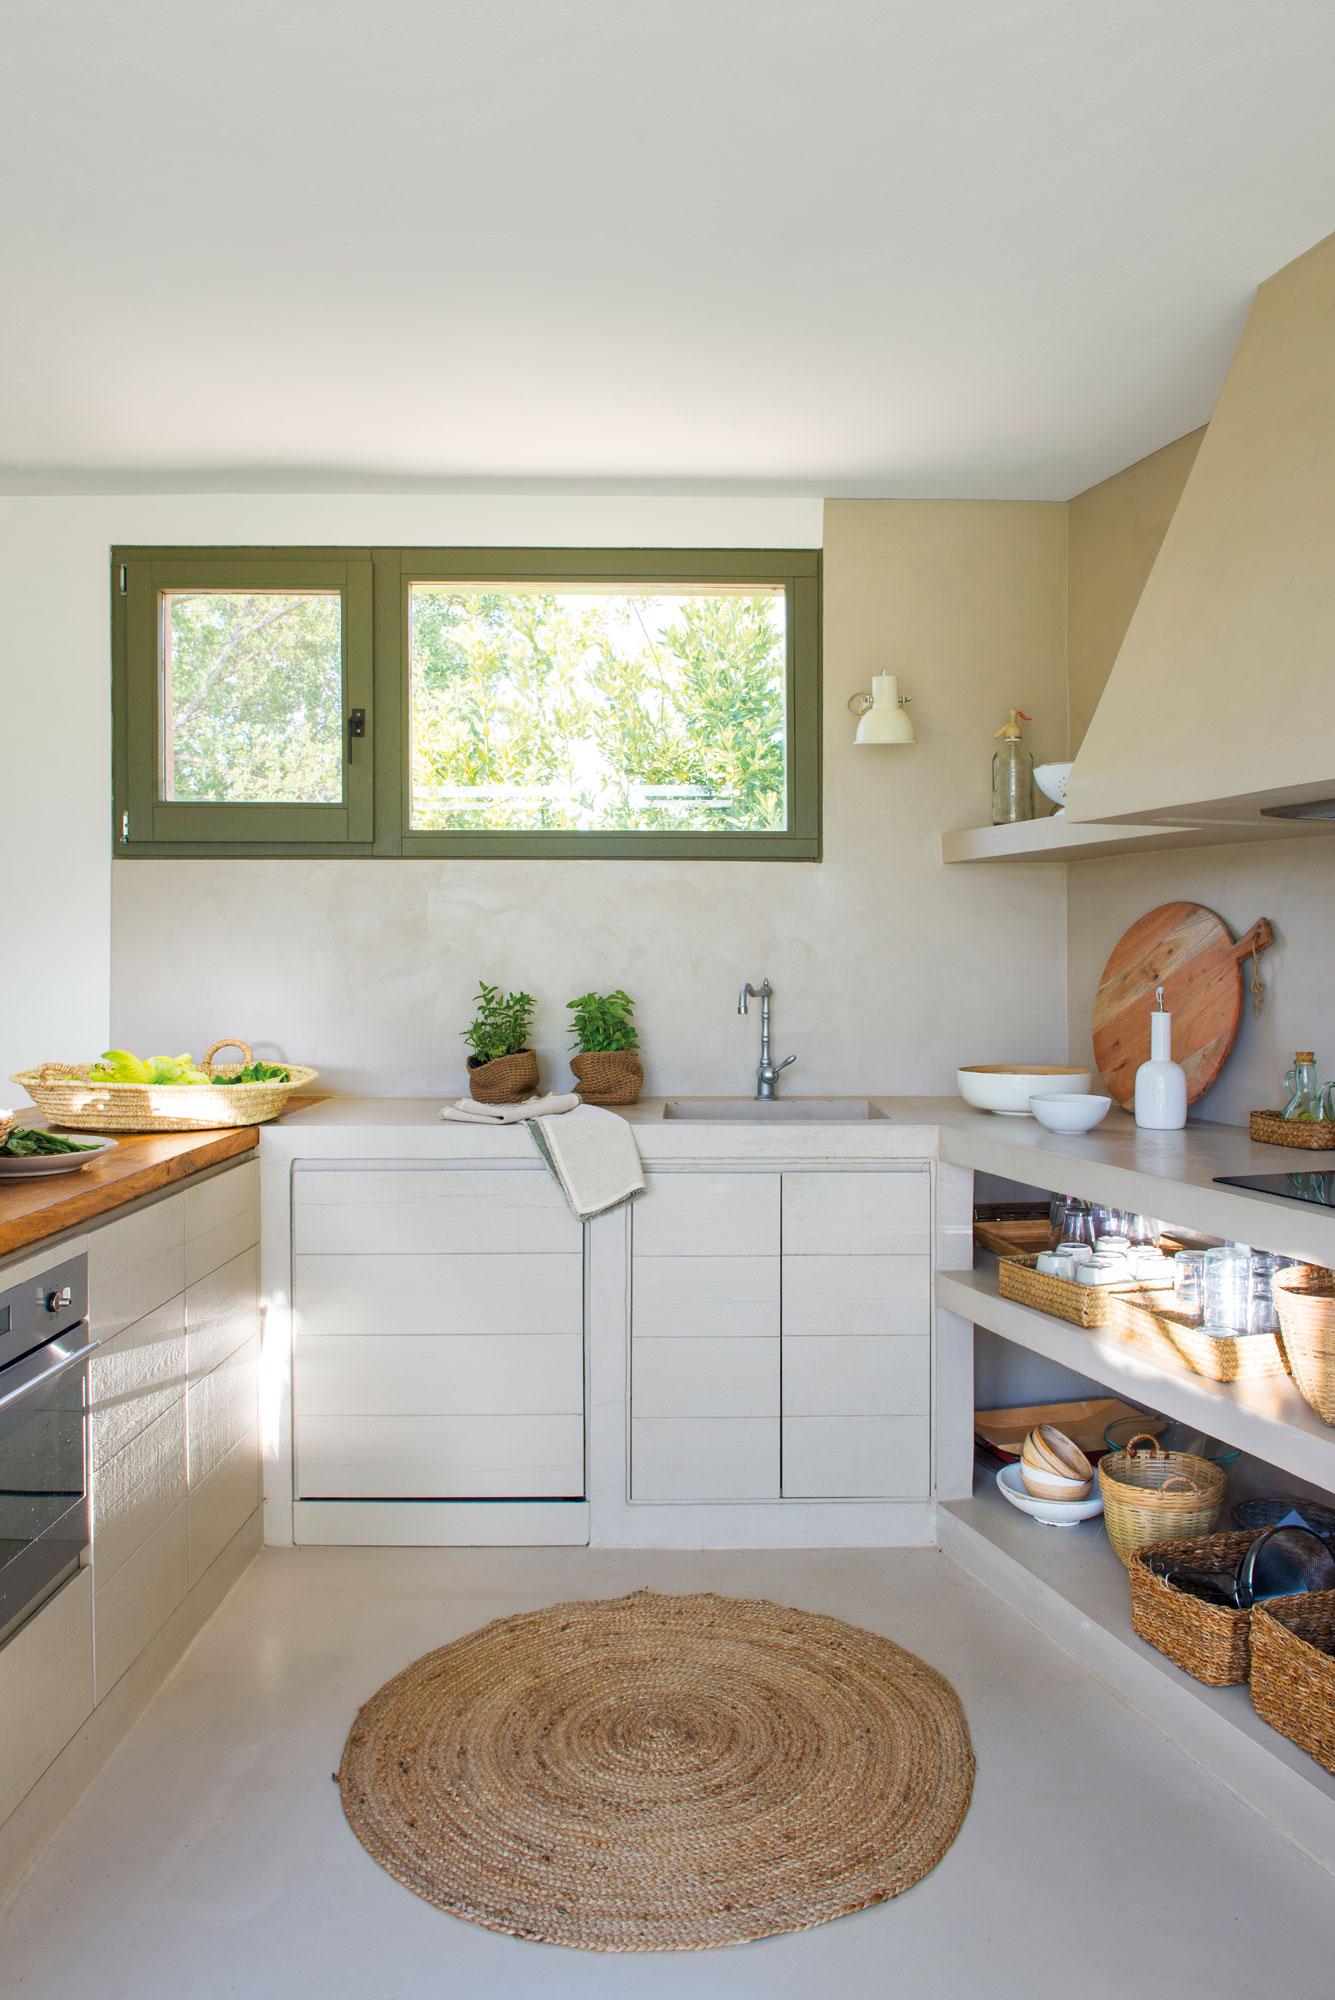 Cocinas muebles decoraci n dise o blancas o peque as - Muebles ibicencos ...